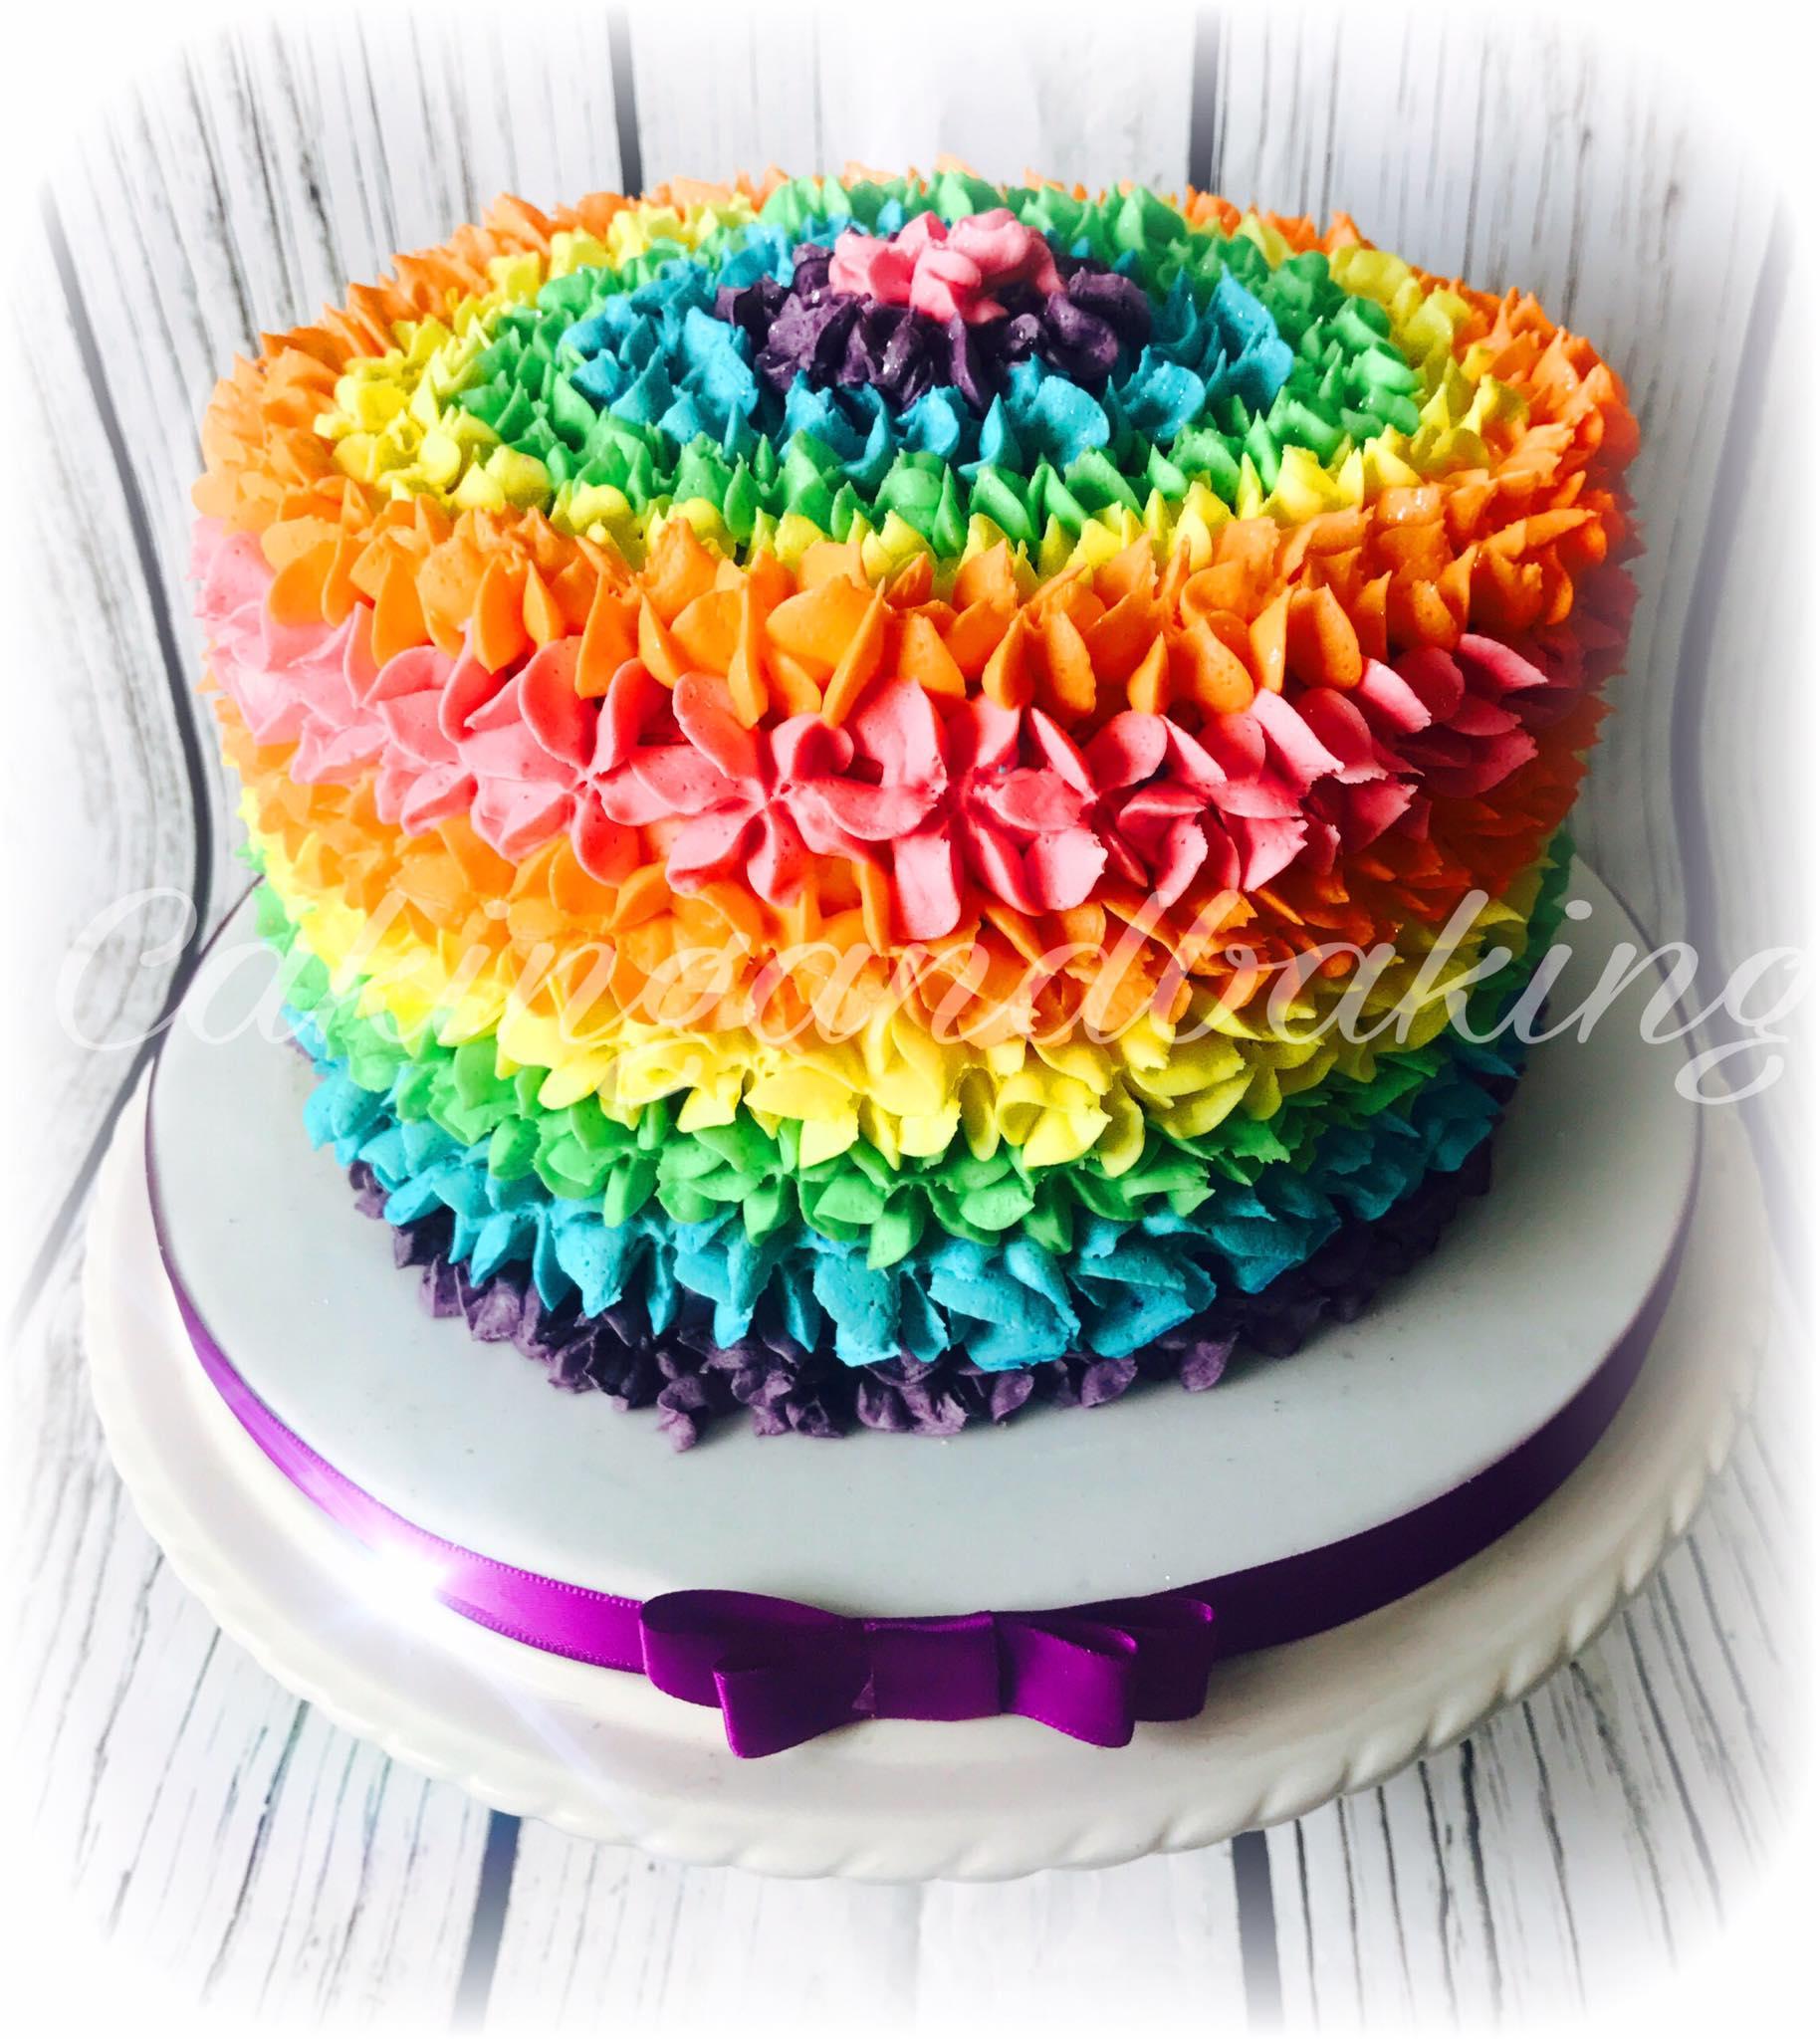 Enjoyable Buttercream Rainbow Cake Caking And Baking Leamington Spa Personalised Birthday Cards Arneslily Jamesorg